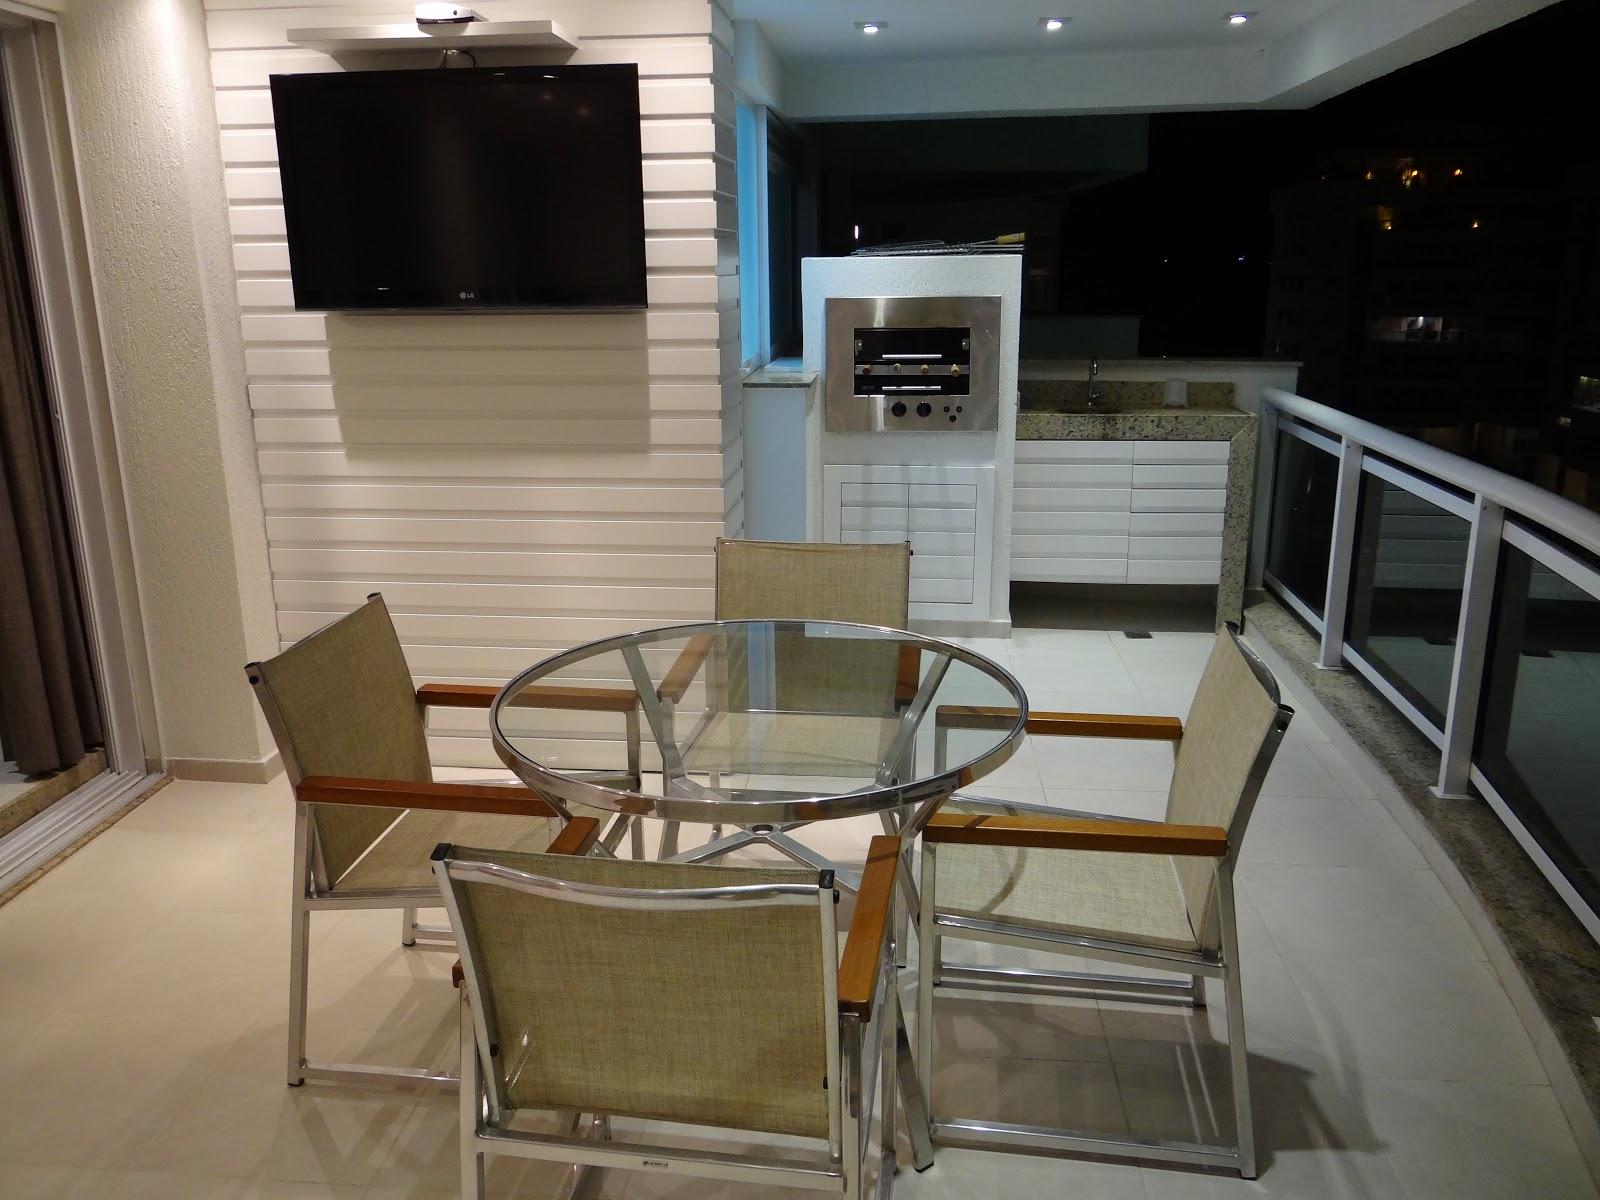 #604C30  ReginaSegura. arquitetura: REFORMA APARTAMENTO 1ª LOCAÇÃO RECREIO 4212 Instalar Ar Condicionado Janela Apartamento